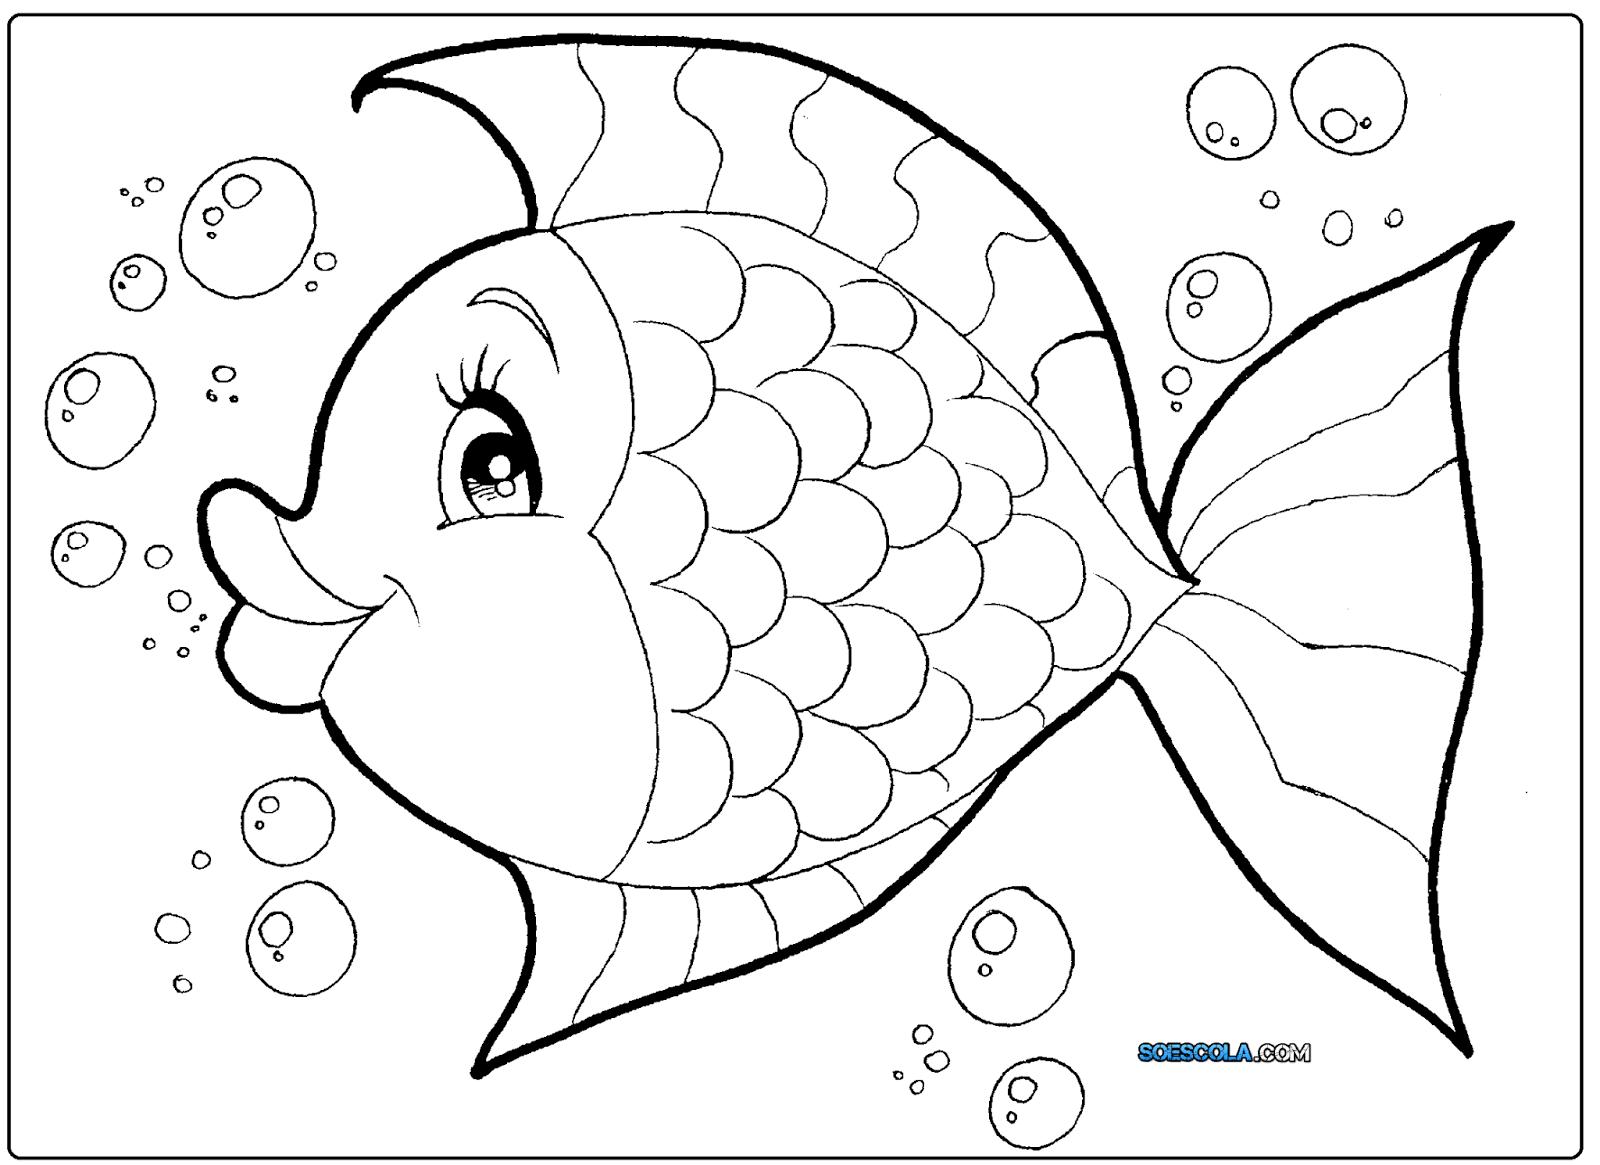 Extremamente 8 Desenhos de Peixes para colorir — SÓ ESCOLA XX56